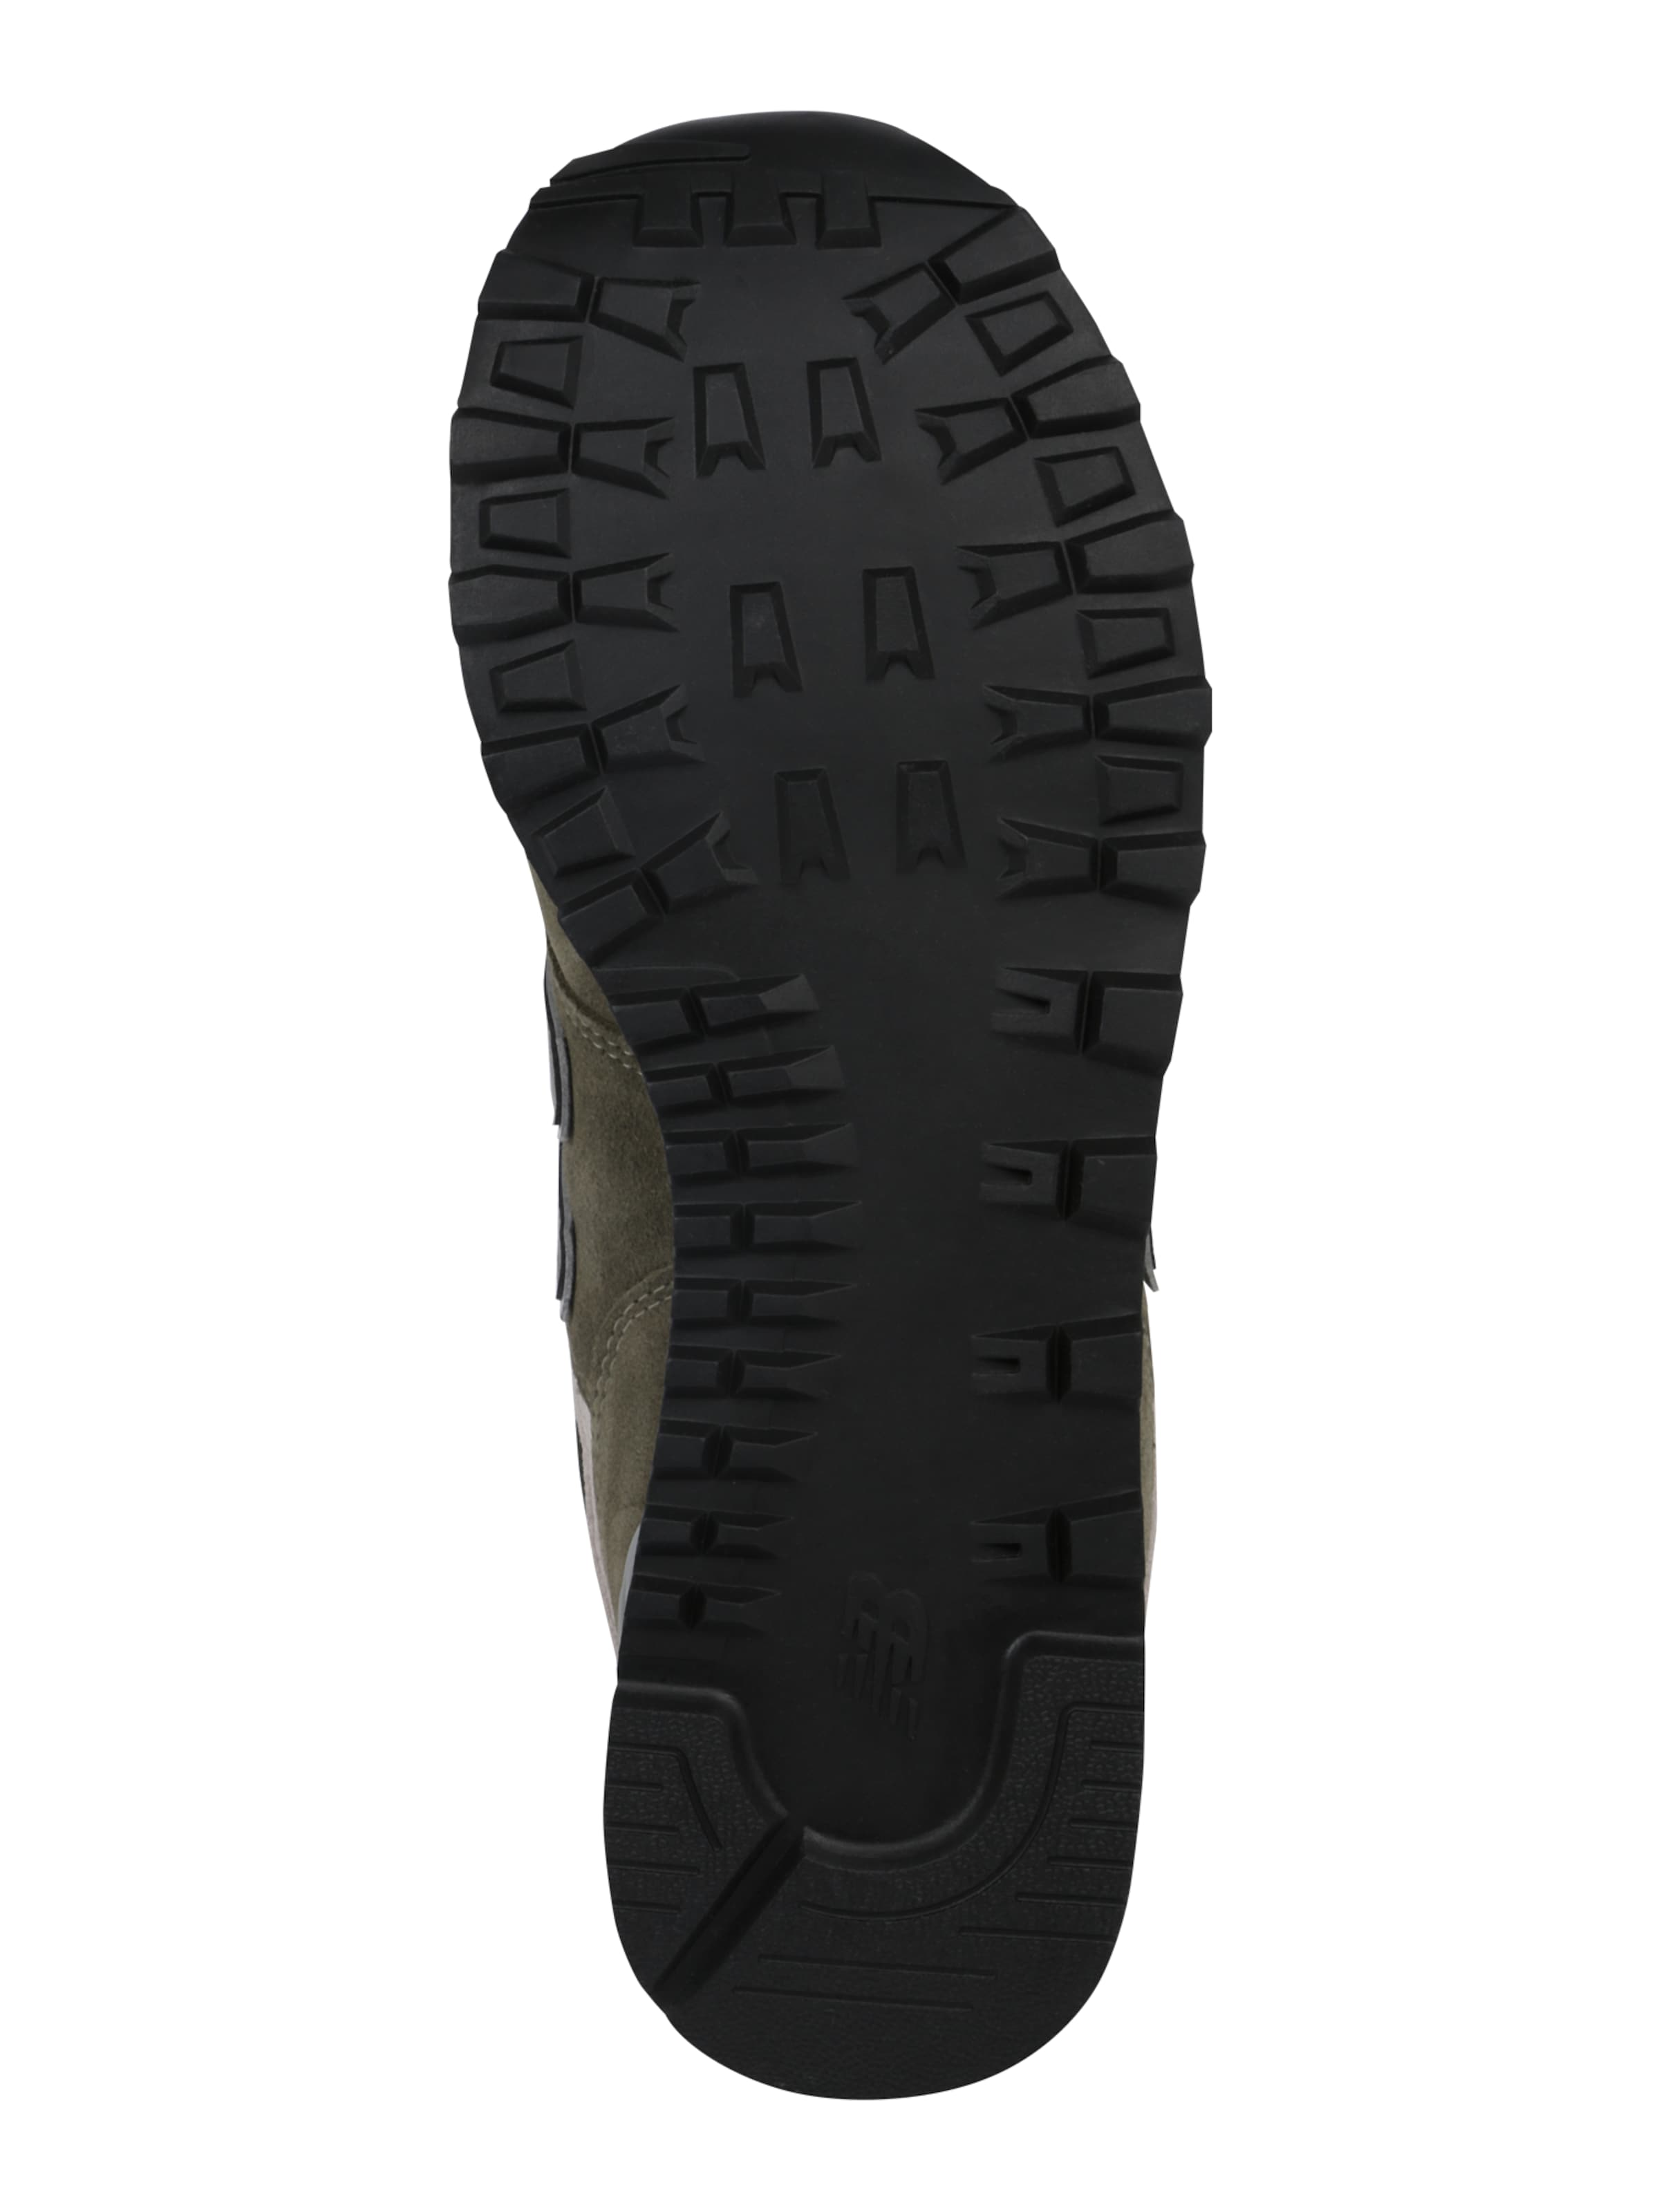 Sneaker Weiß Balance Schwarz New In BeigeOliv shtQrdCx